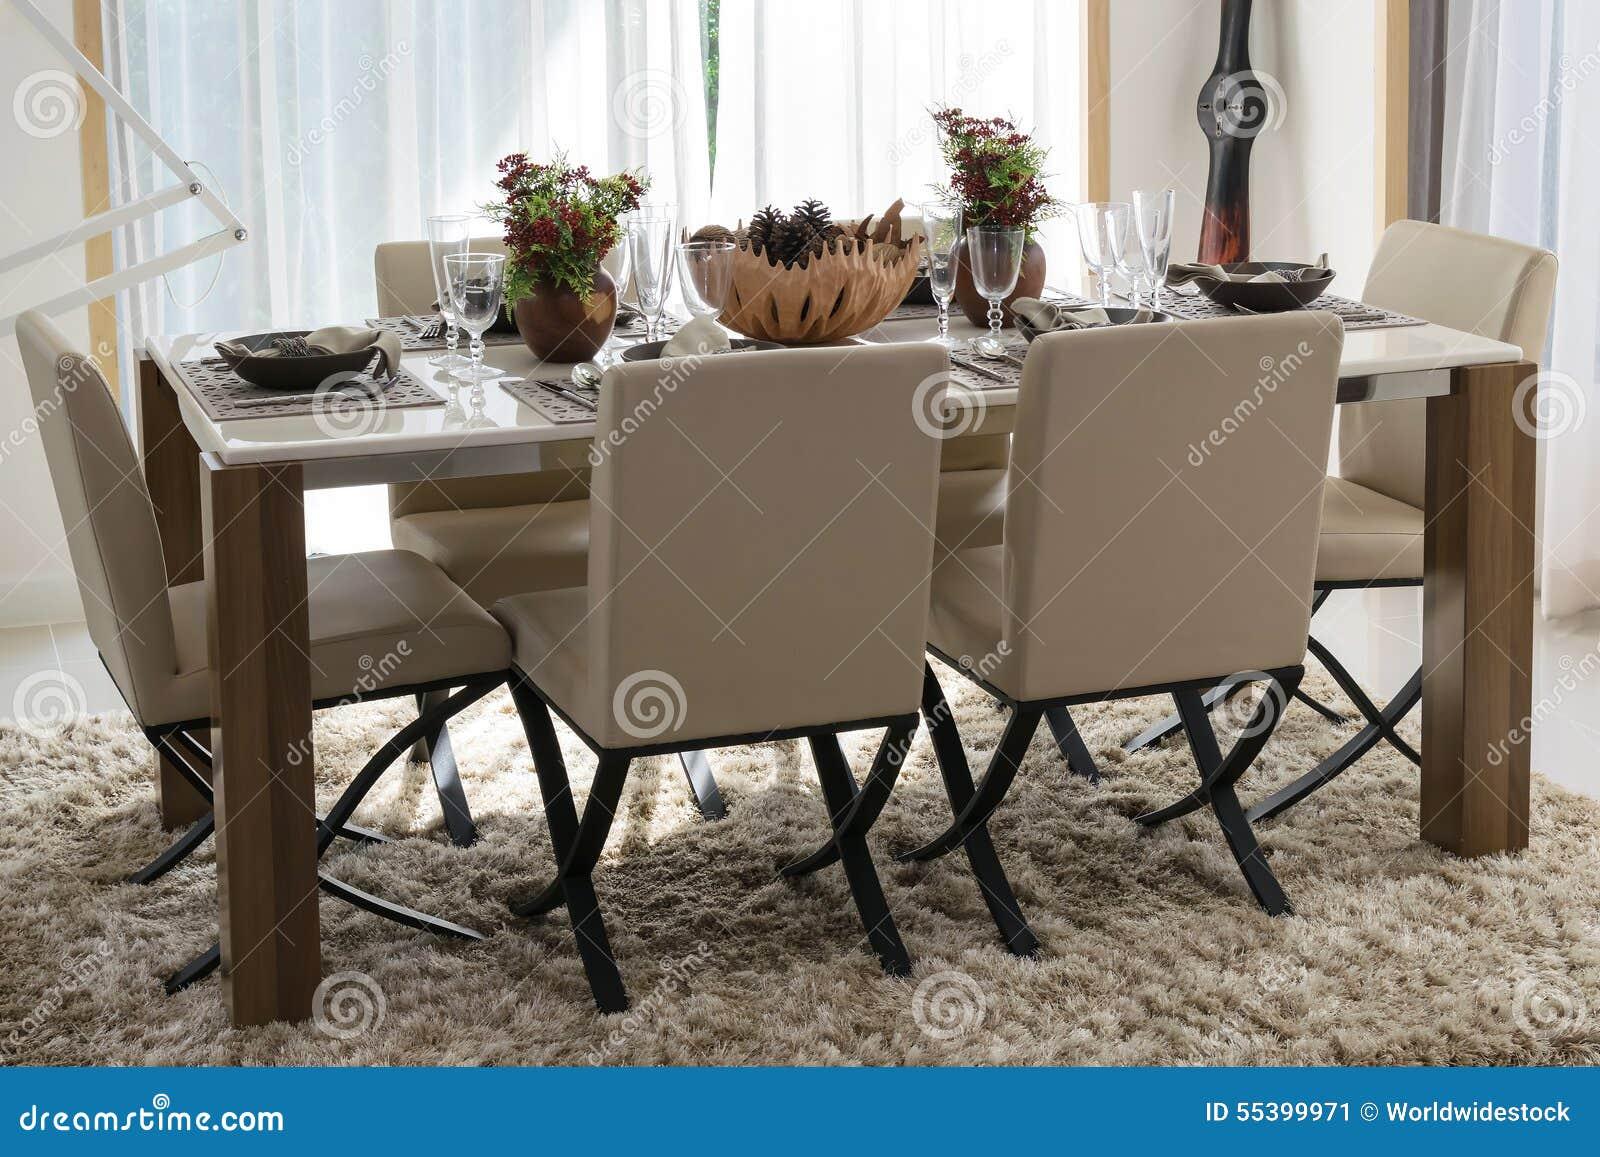 Table De Salle A Manger Et Chaises Confortables Dans La